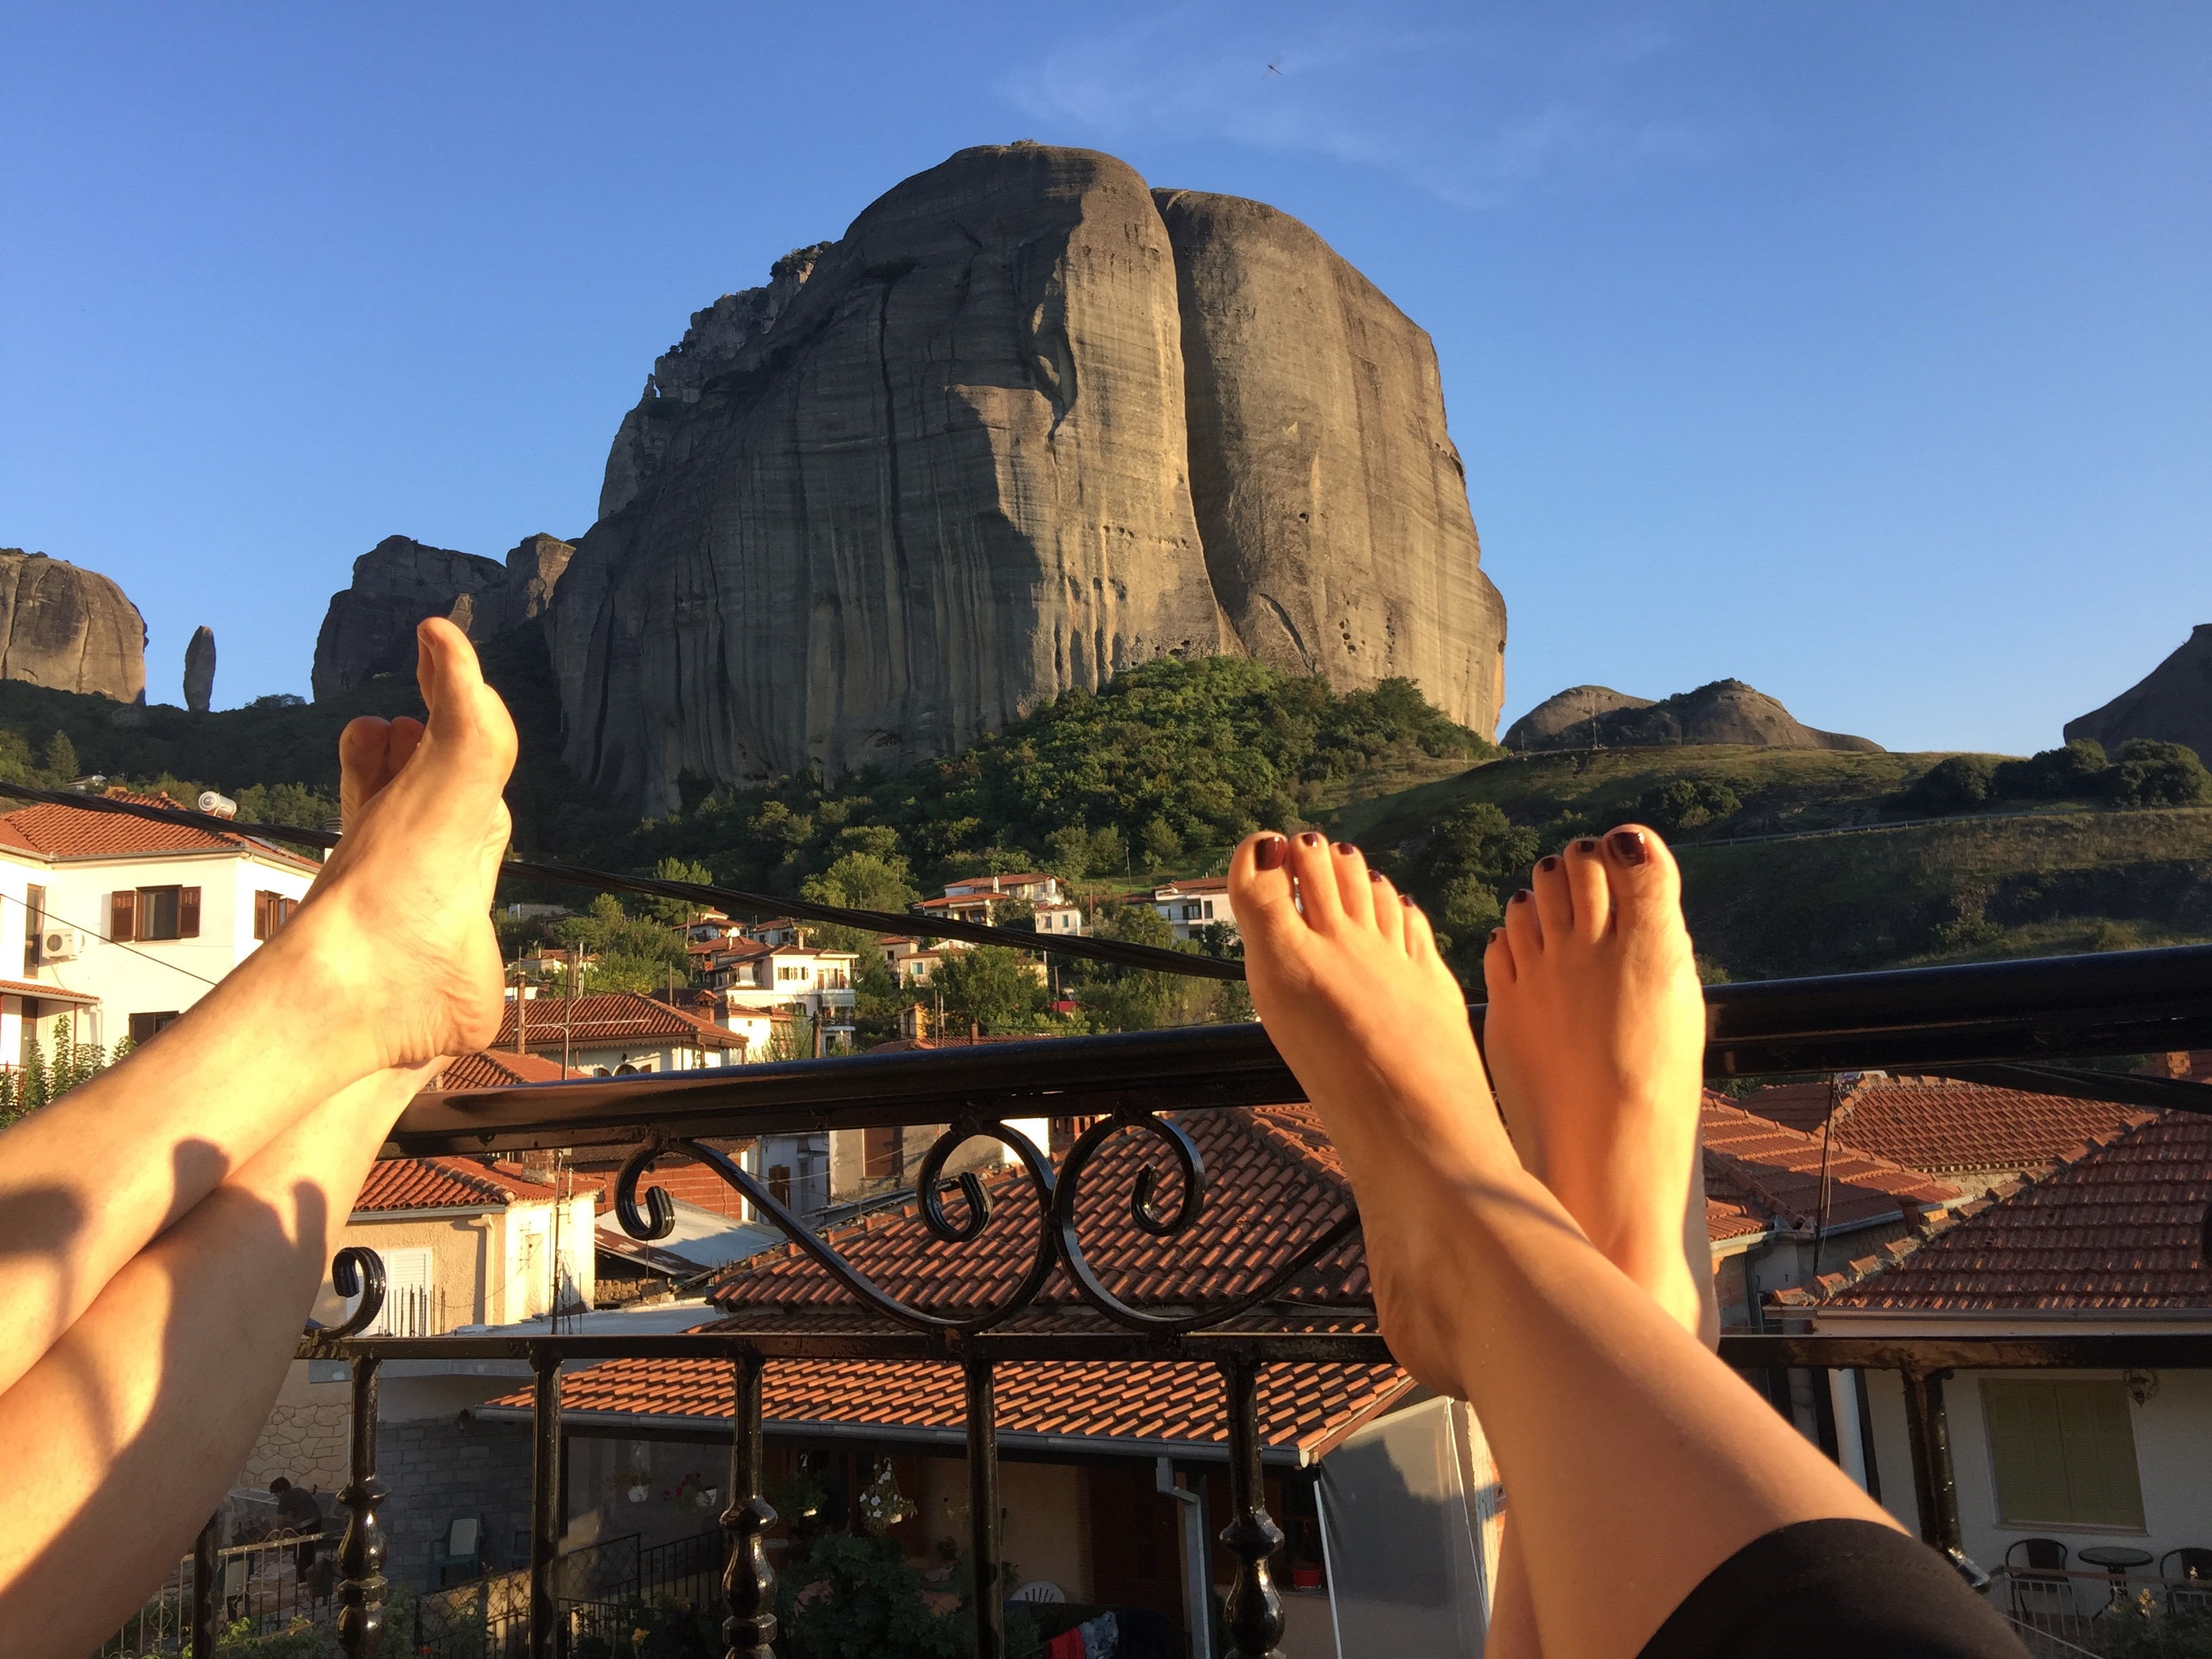 Grèce - Destination Météores par trail rando 161003092257150718